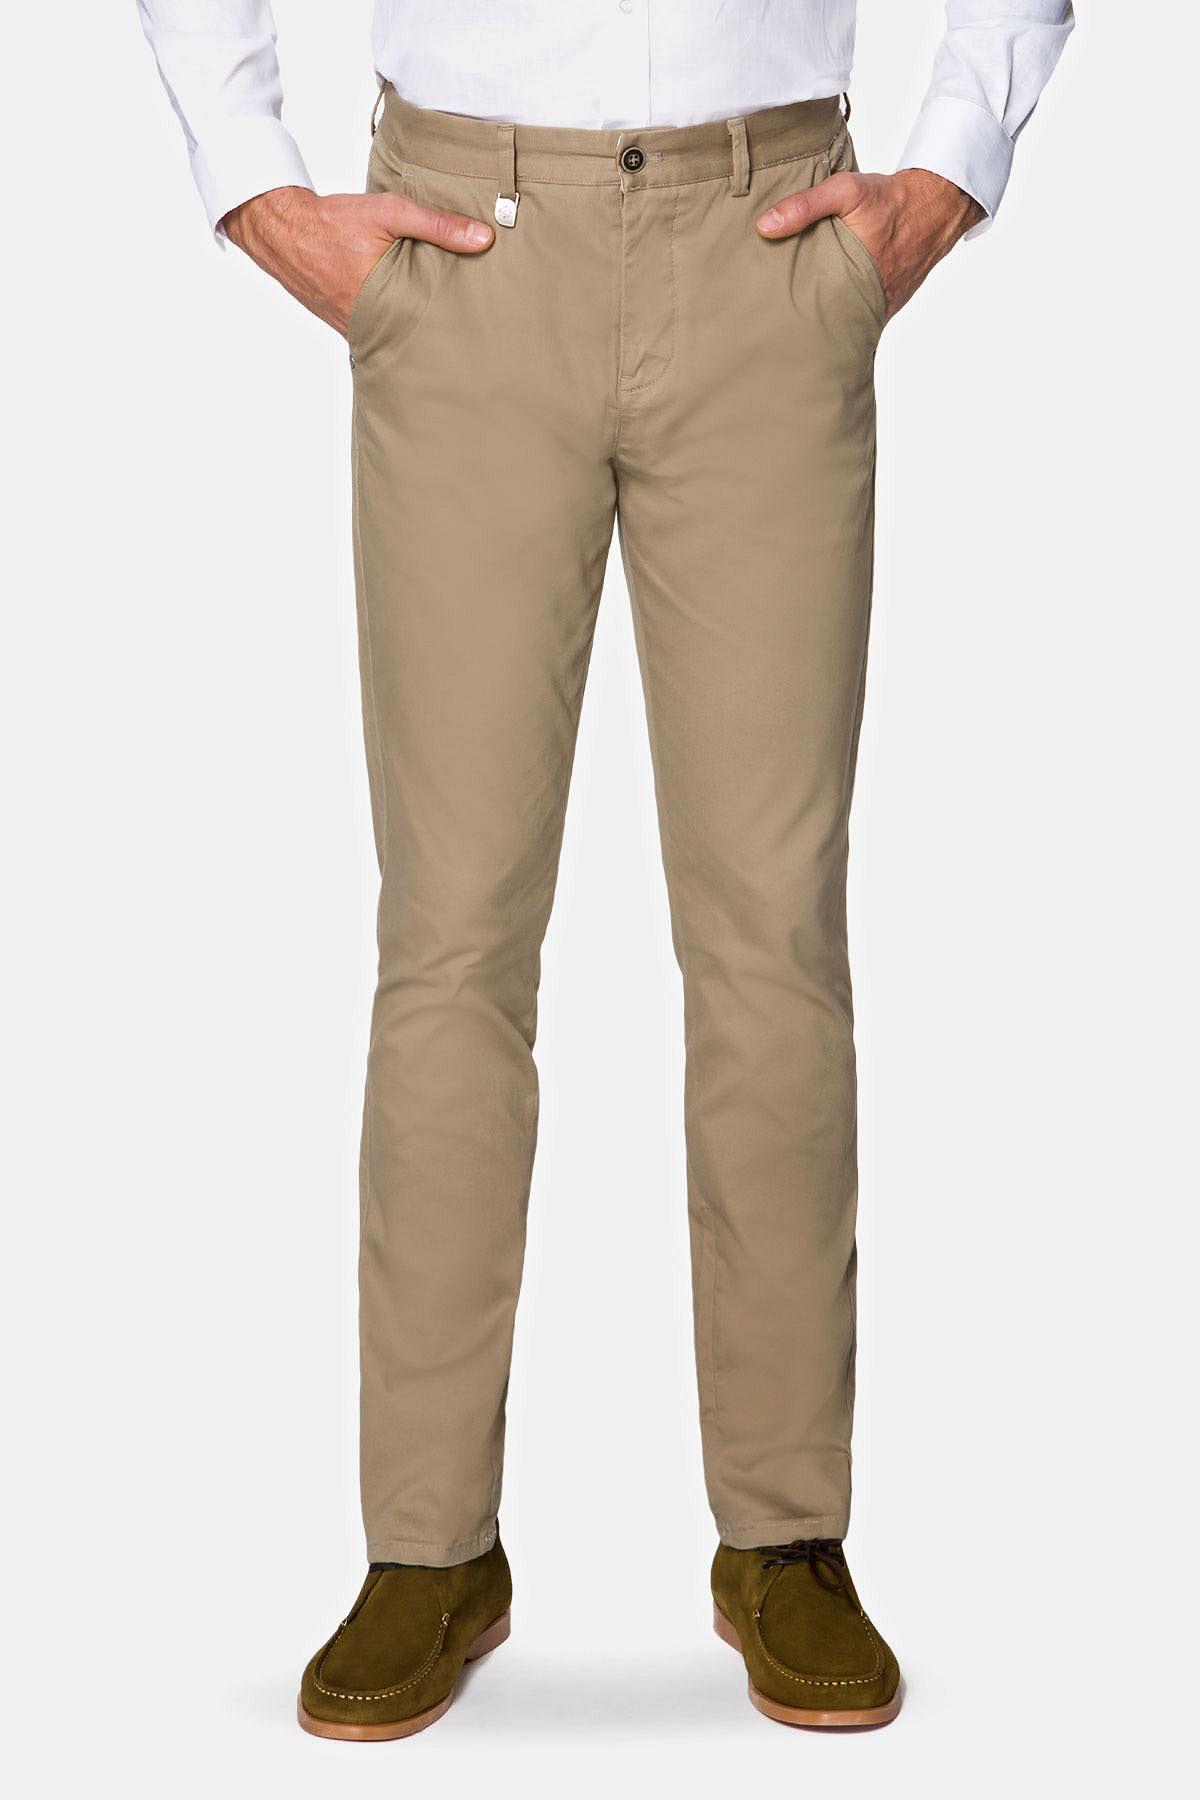 Spodnie Jasnobeżowe Chino Dennis rozmiar W31/L32; W32/L32; W33/L32; W34/L32; W34/L34; W35/L32; W35/L34; W36/L32; W36/L34; W38/L32; W38/L34; W